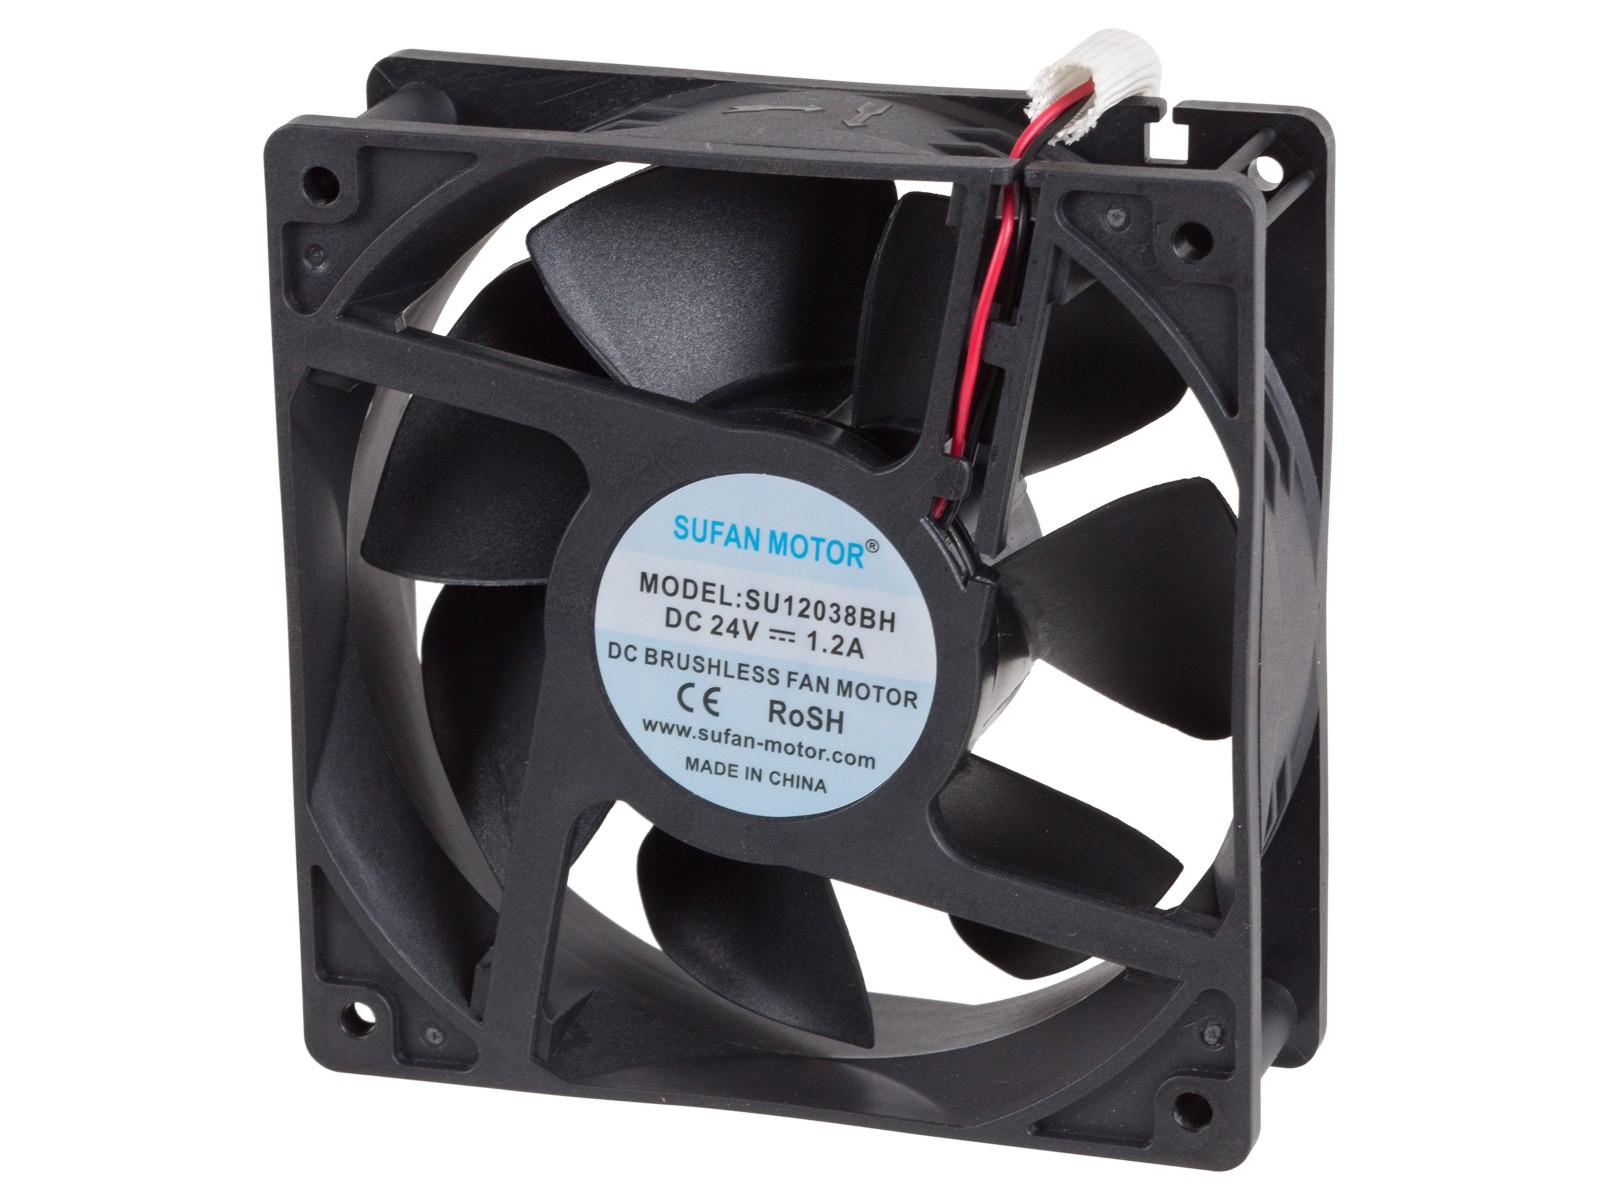 Air Venturi4500 PSI.